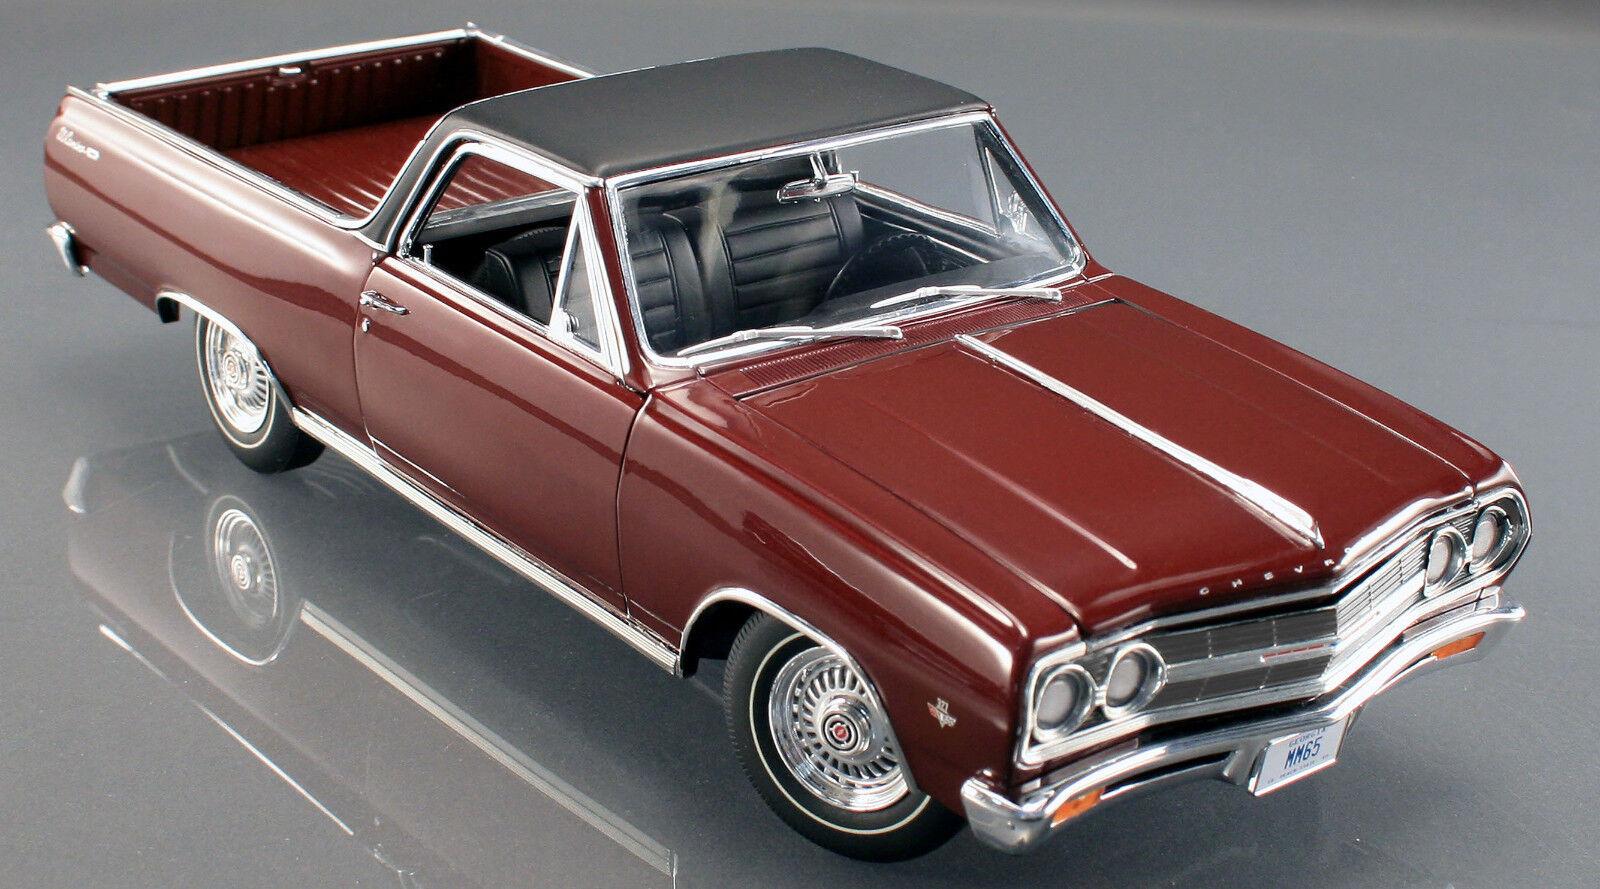 1965 Chevelle MAROON w vinyl top 1:18 Acme